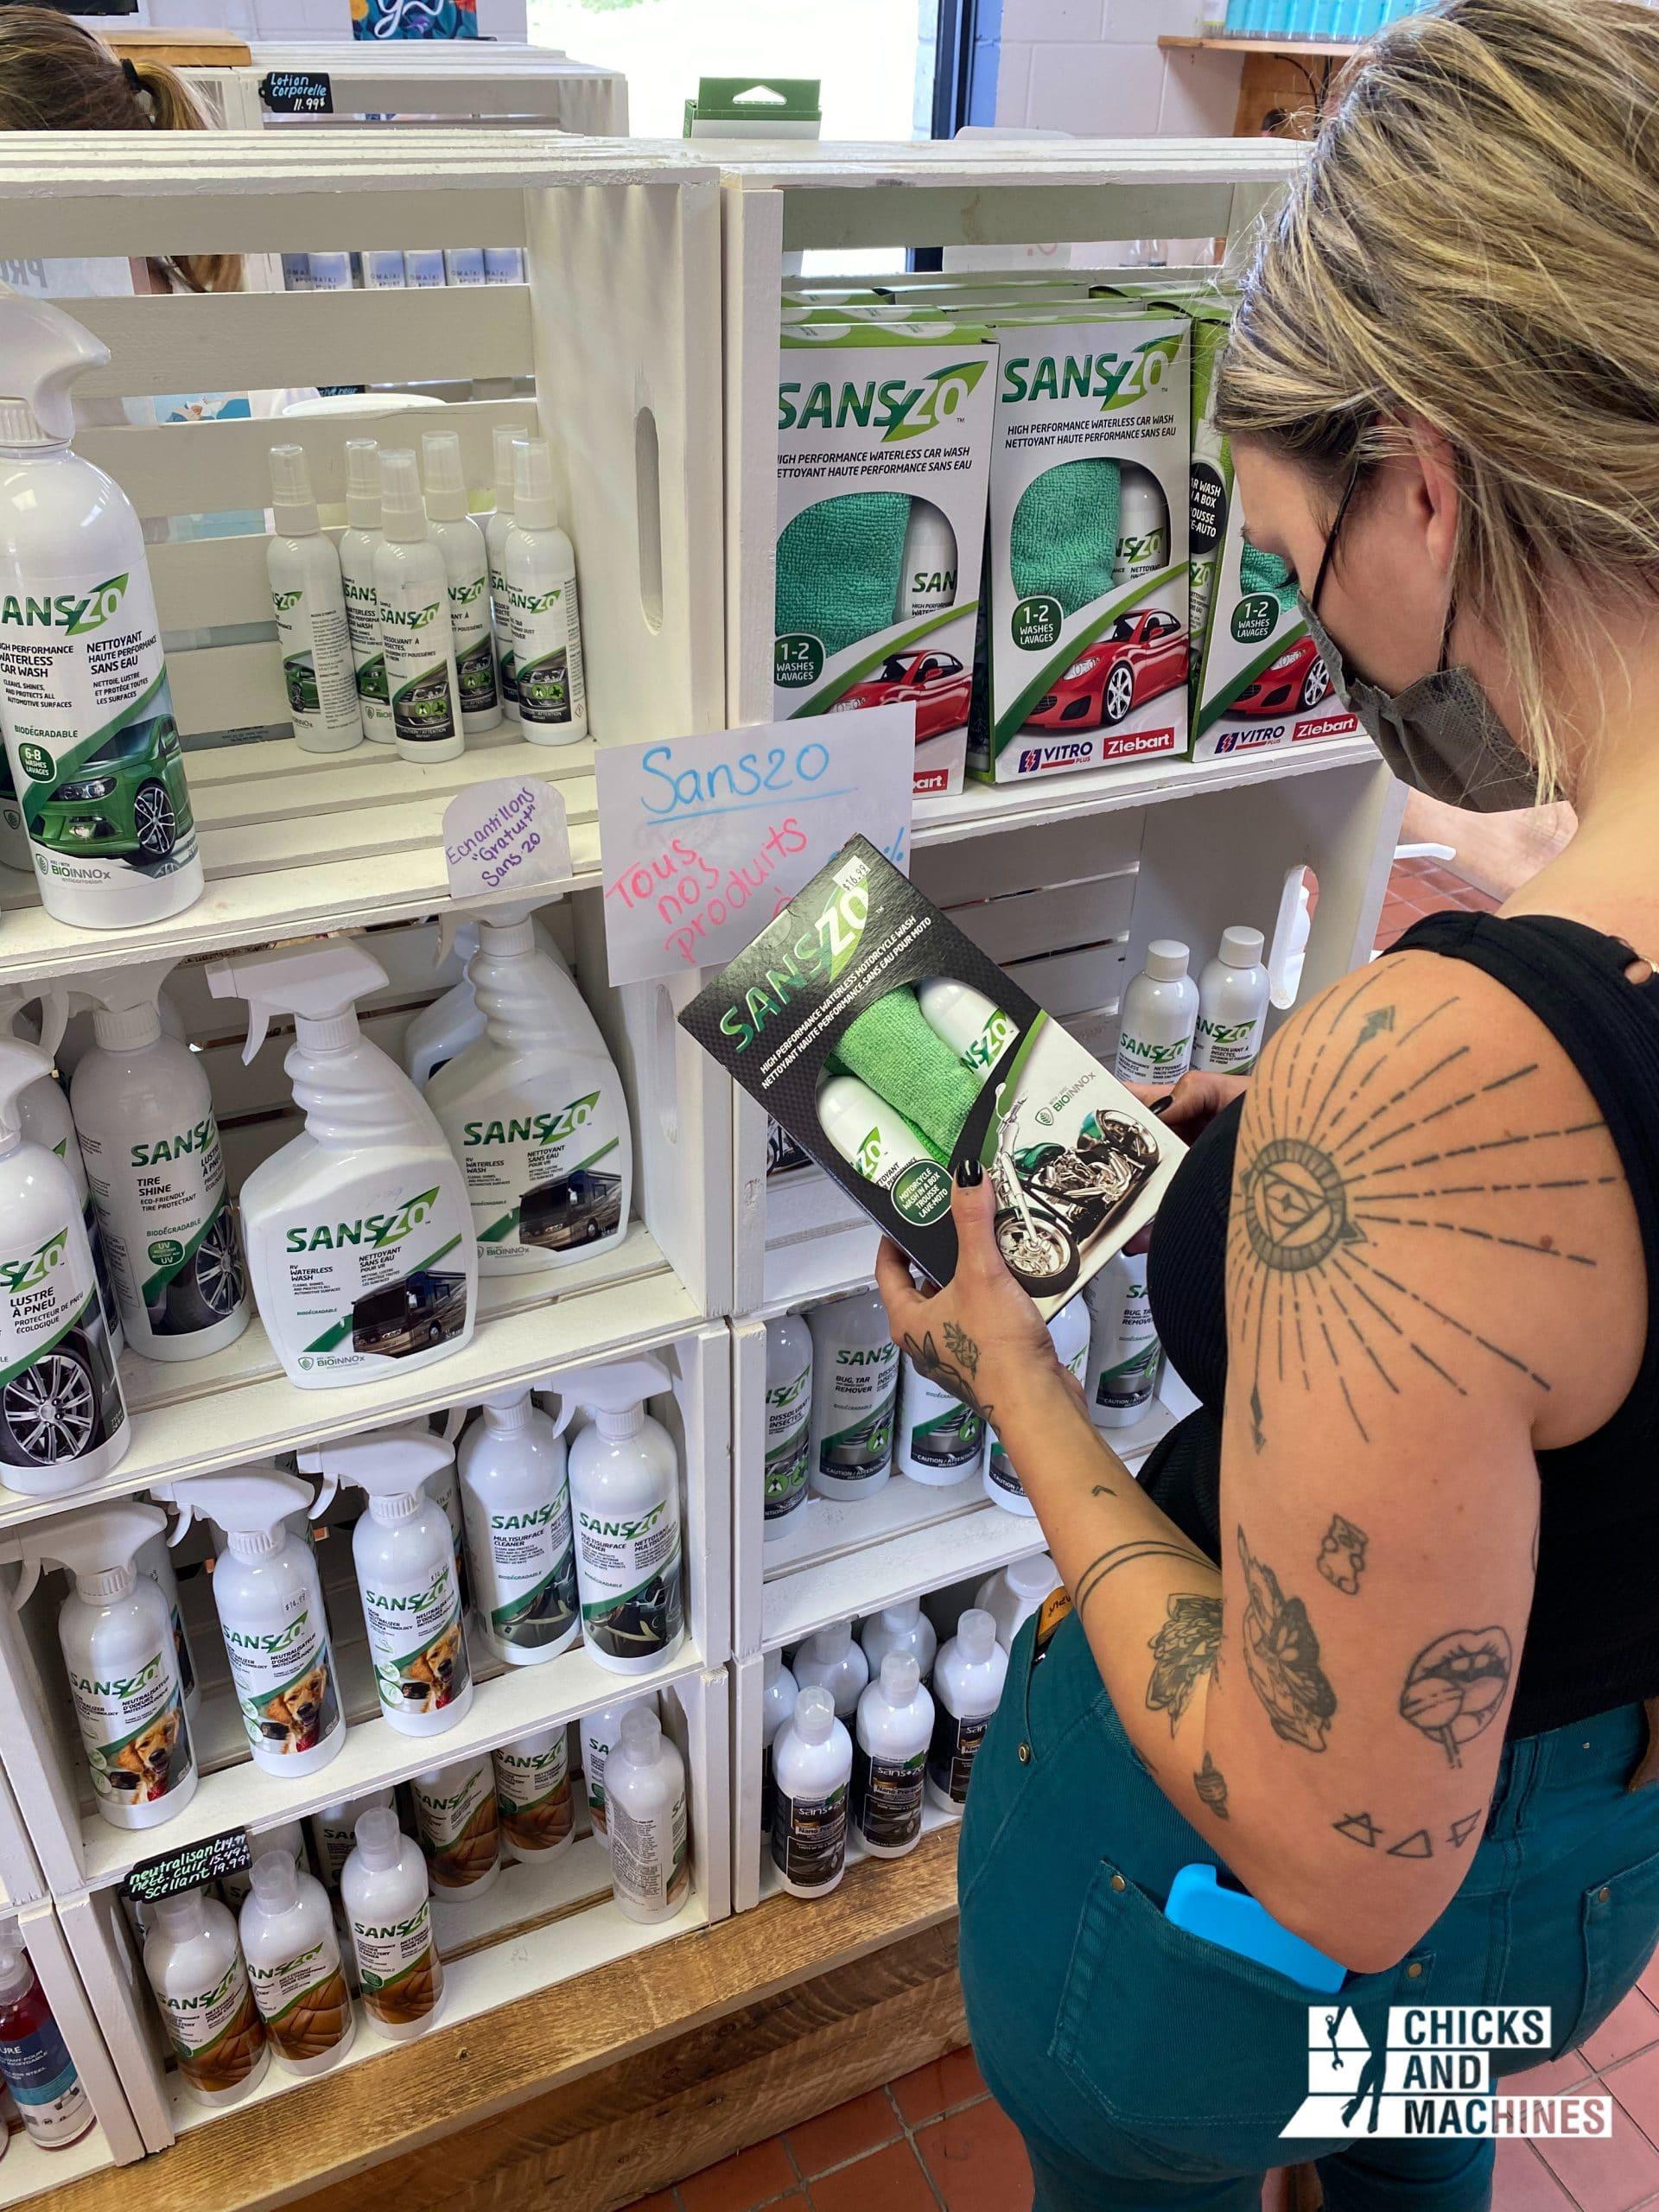 La découverte des produits Sans-zo, une belle alternative écolo